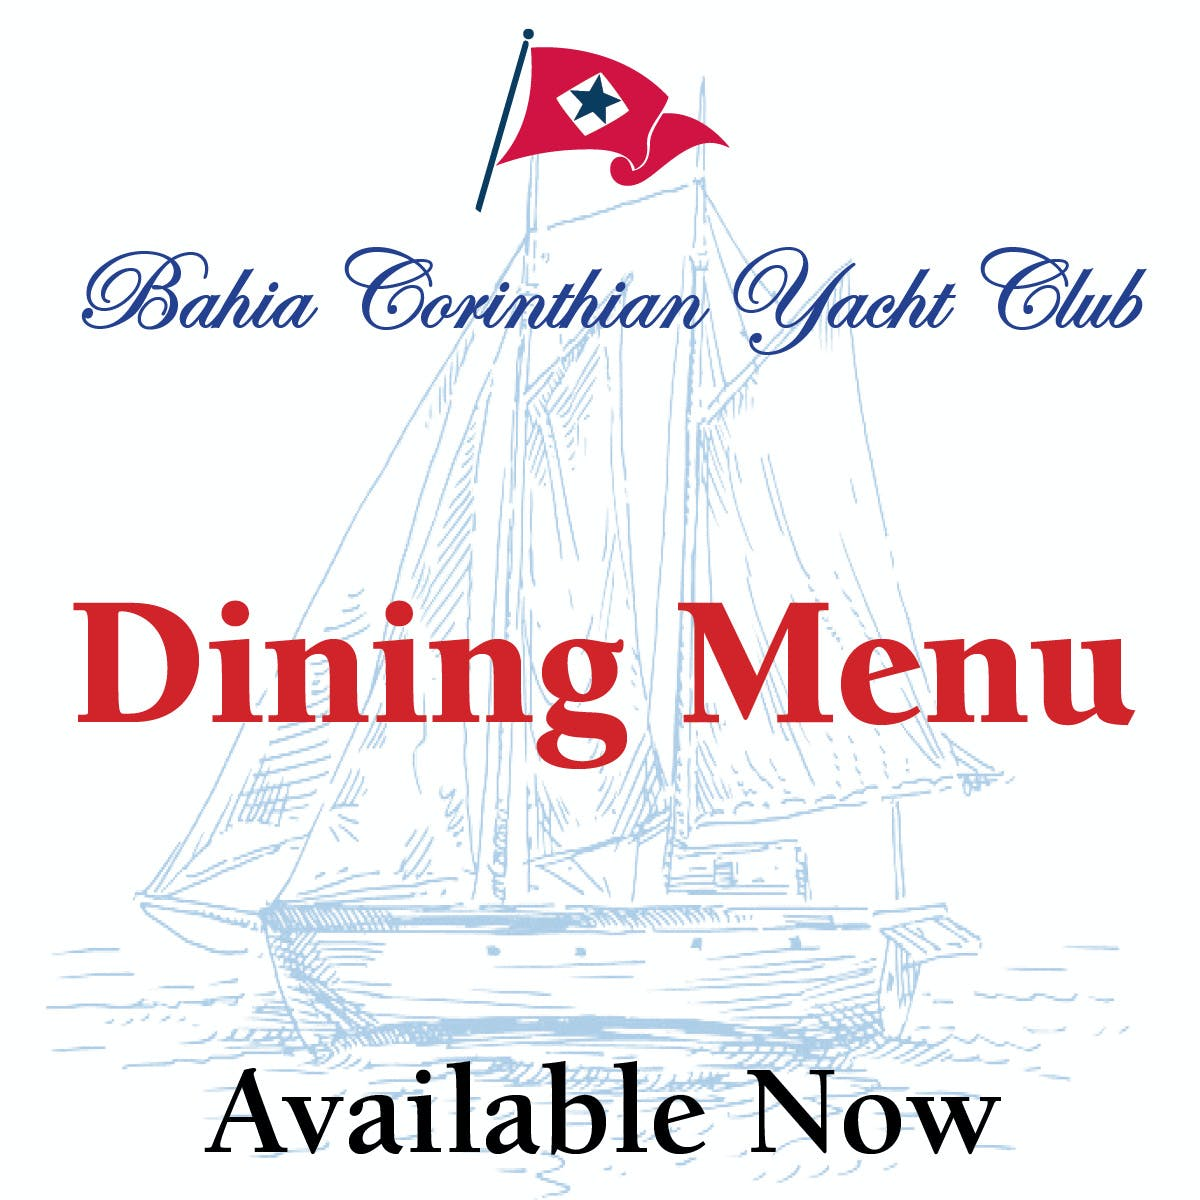 Member Dining Menu